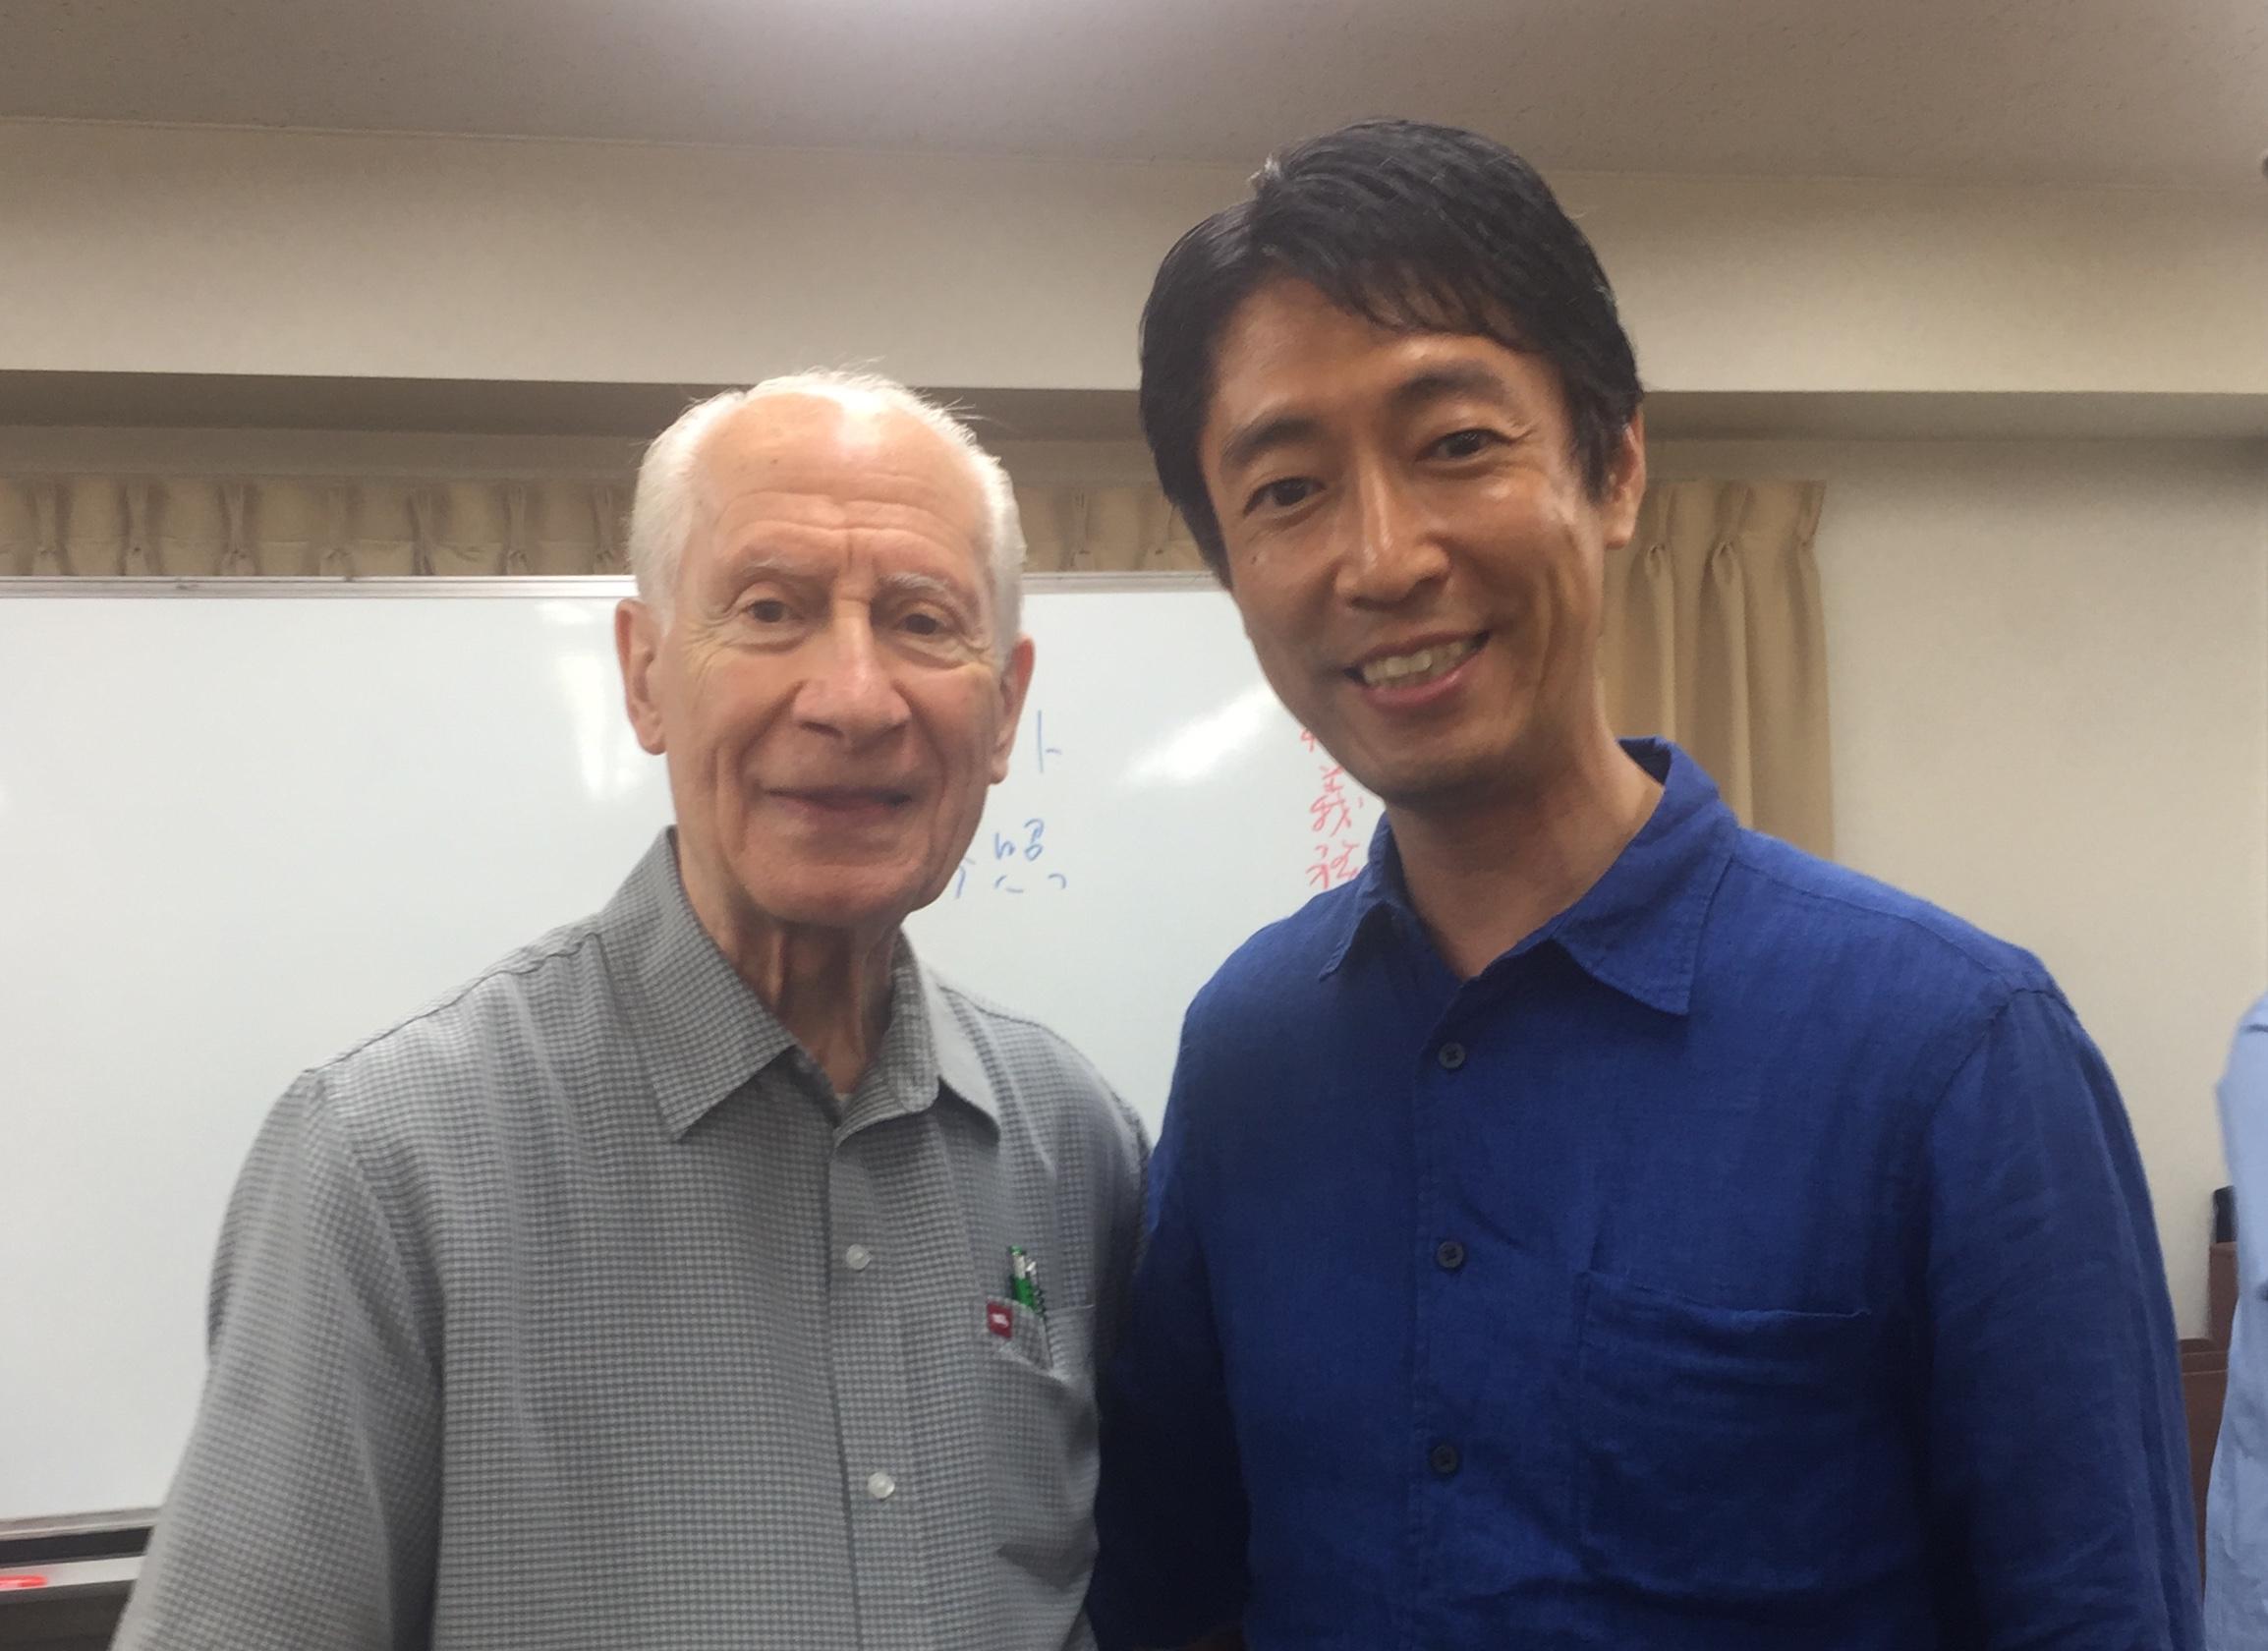 今年も日本にお越しになりました。ジョセフ・ペルグリーノ博士!「自尊心(Self-Esteem)を高めるワークショップ」